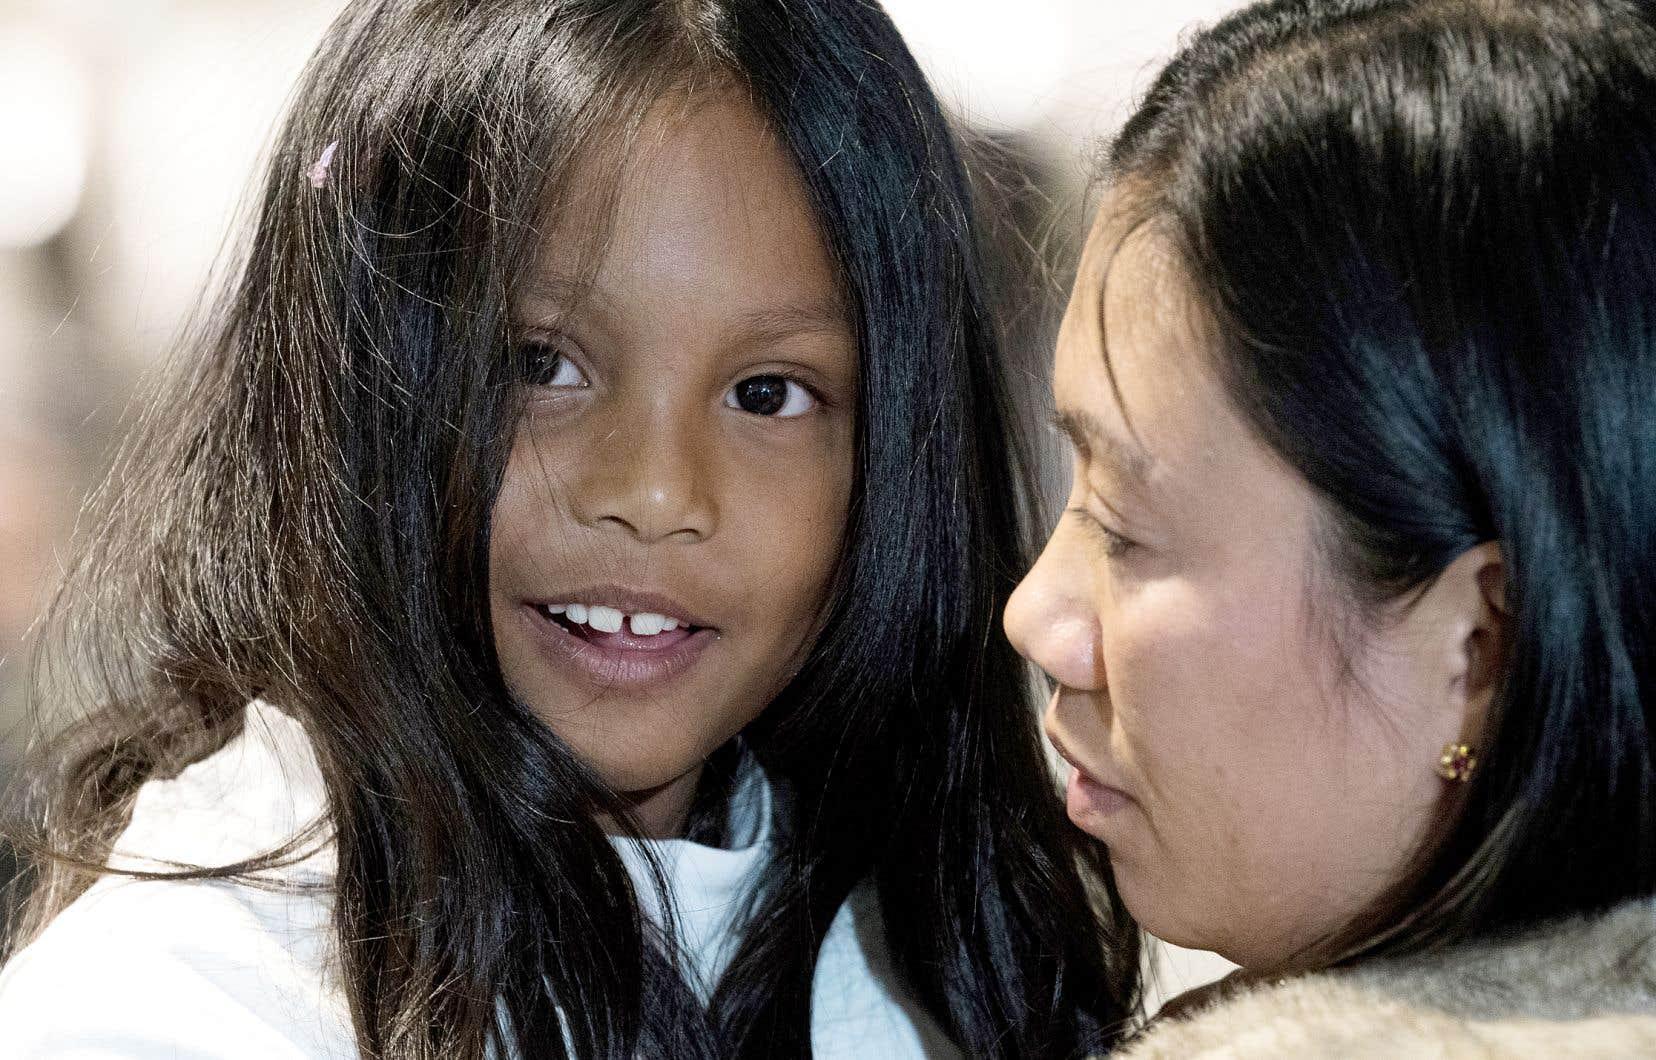 Vanessa Rodel et sa fille Keana sont arrivées mardi à Montréal, où elles s'établiront après avoir obtenu le statut de réfugiées, un statut qu'elles aimeraient bien voir accordé aux autres «anges gardiens» restés derrière, à Hong Kong.